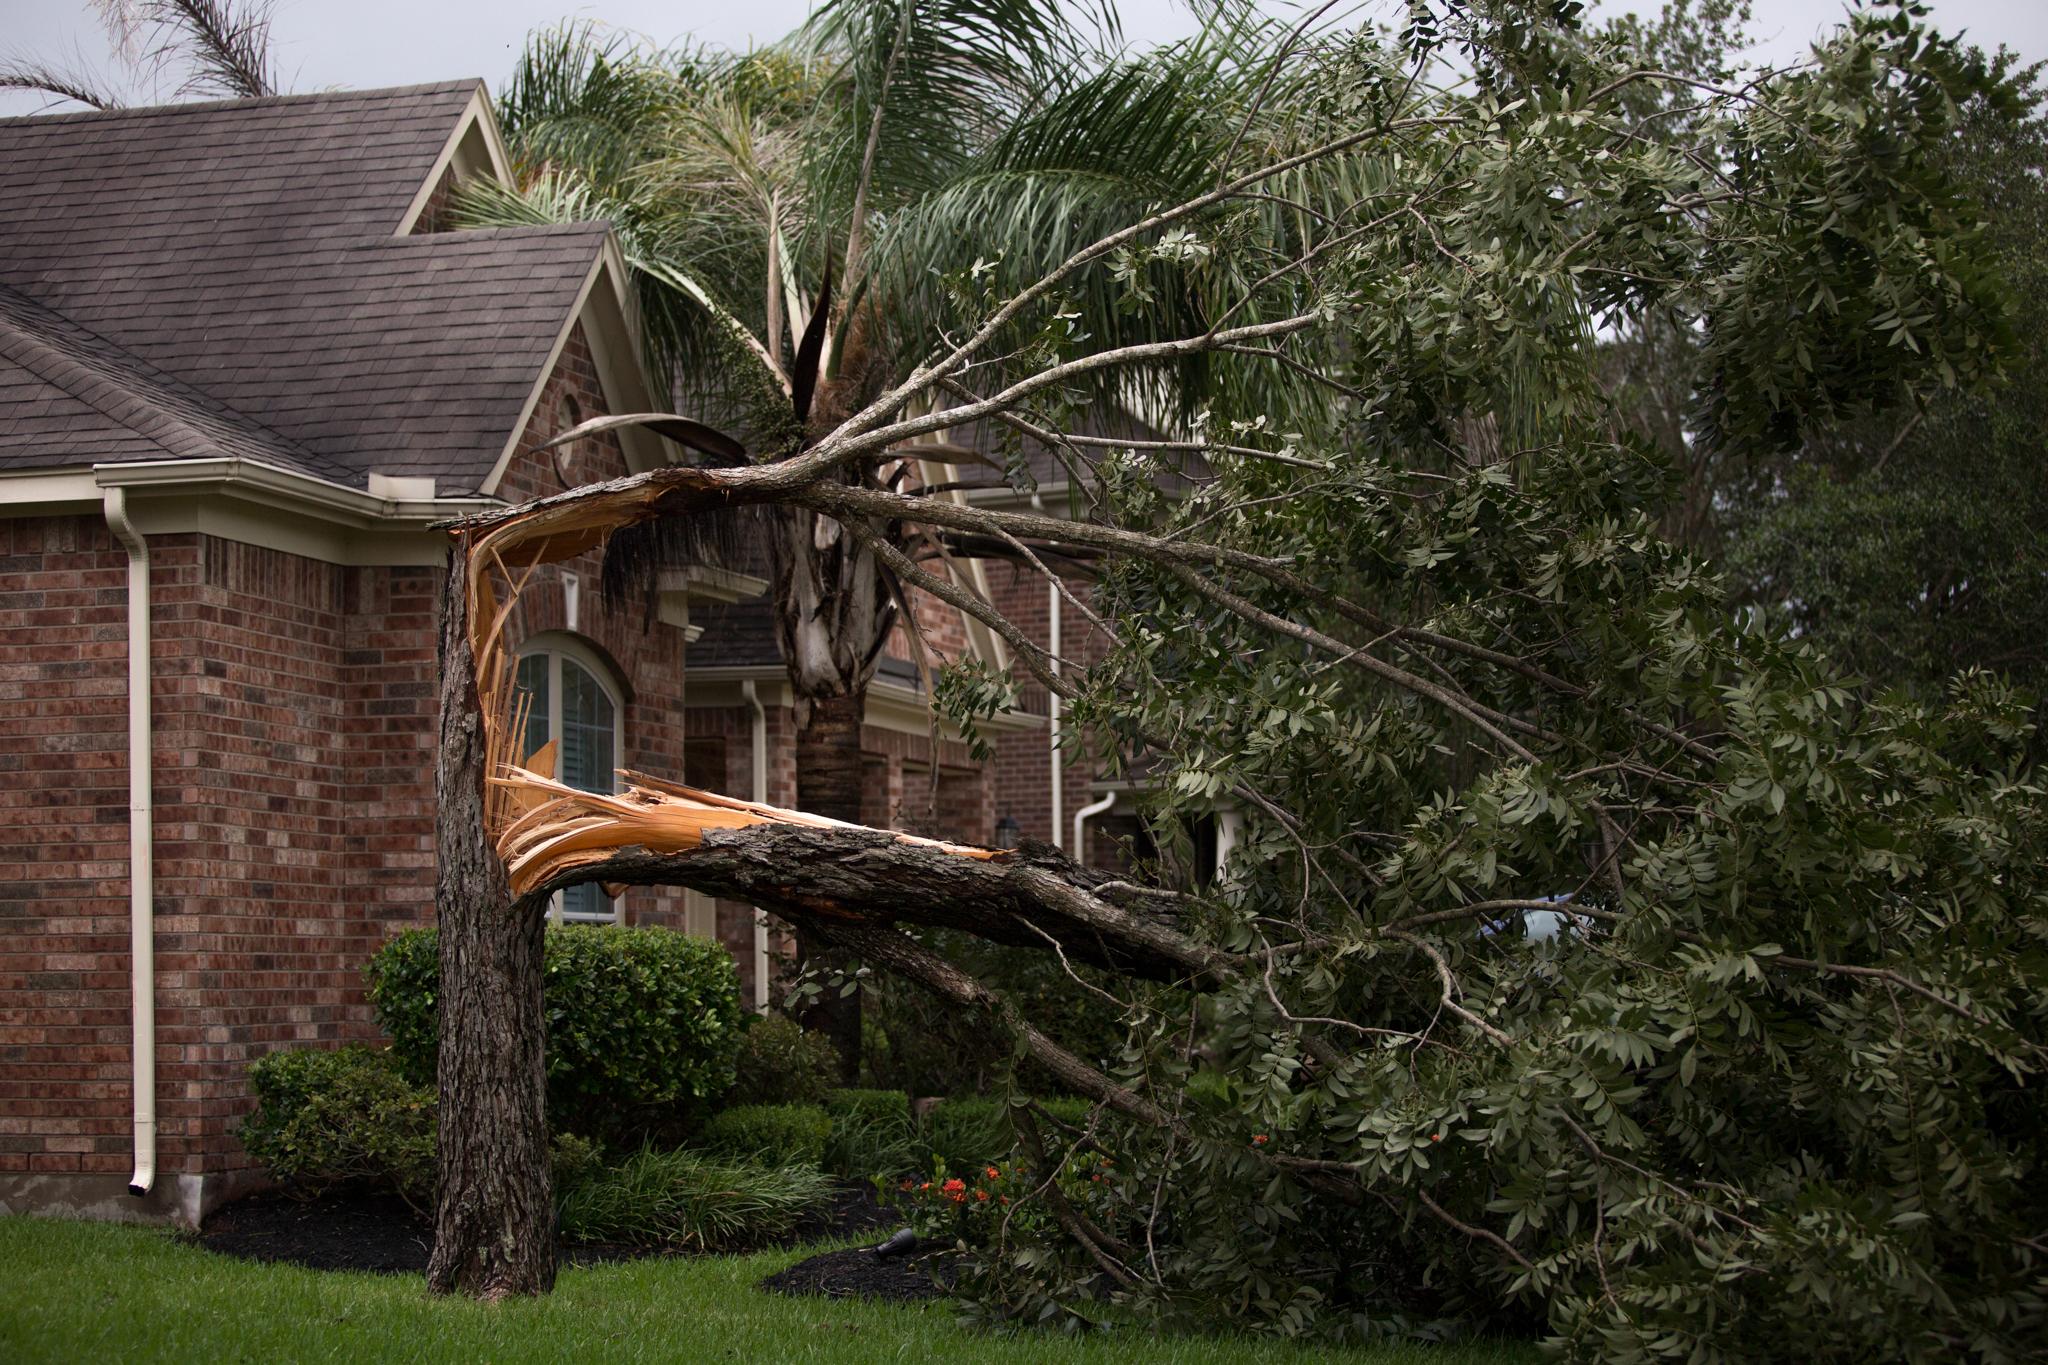 2017-08-26_Hurricane_Harvey_Tornado_Pu.Ying.Huang 0005.jpg